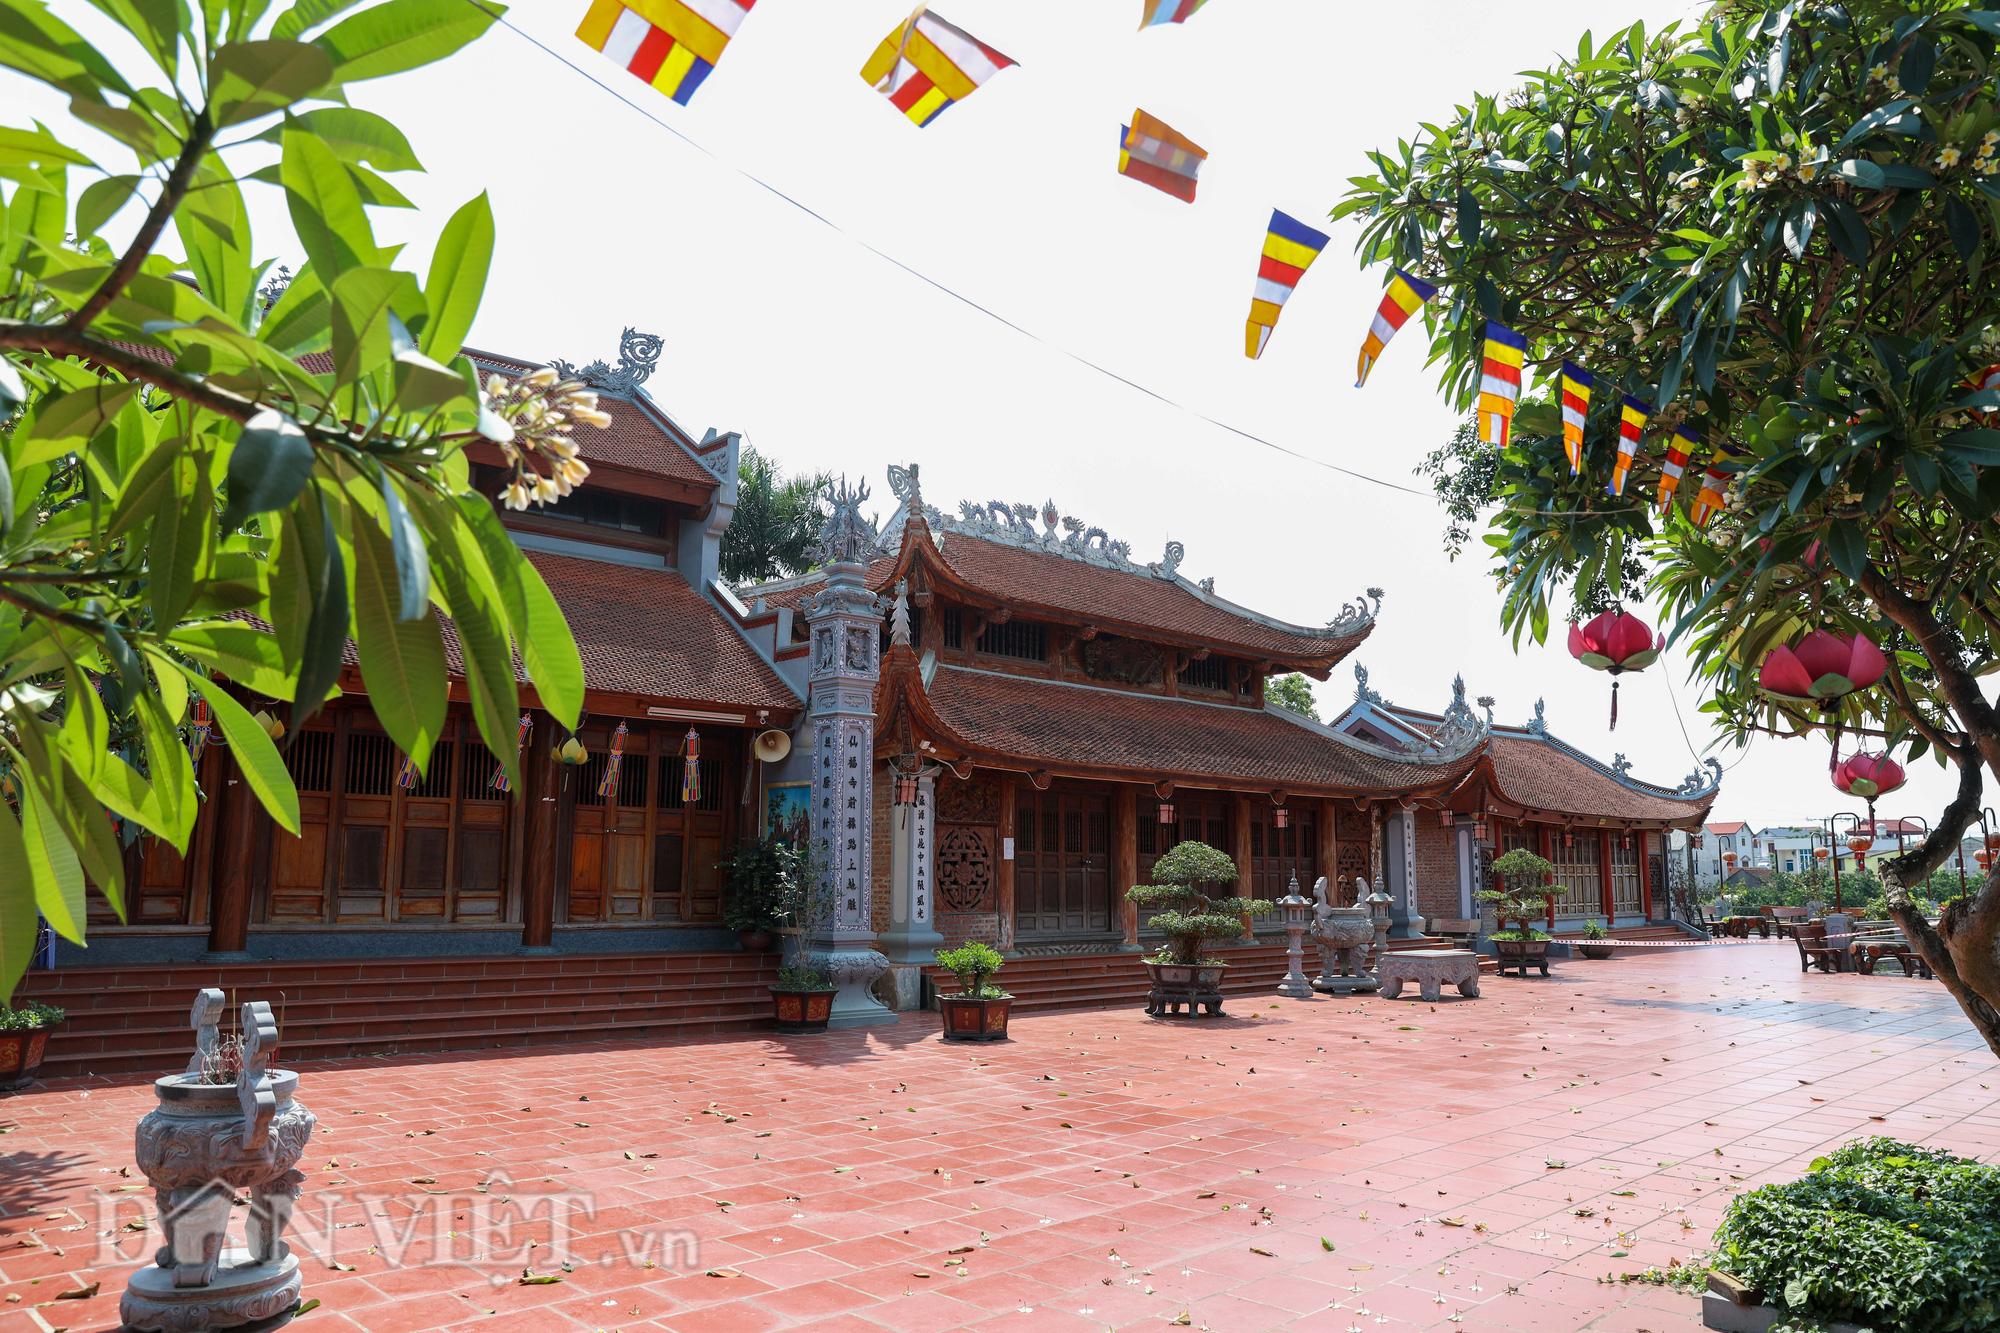 Đền Ba Voi ở Hà Nội bị đóng cửa vì sạt lở bờ sông - Ảnh 1.